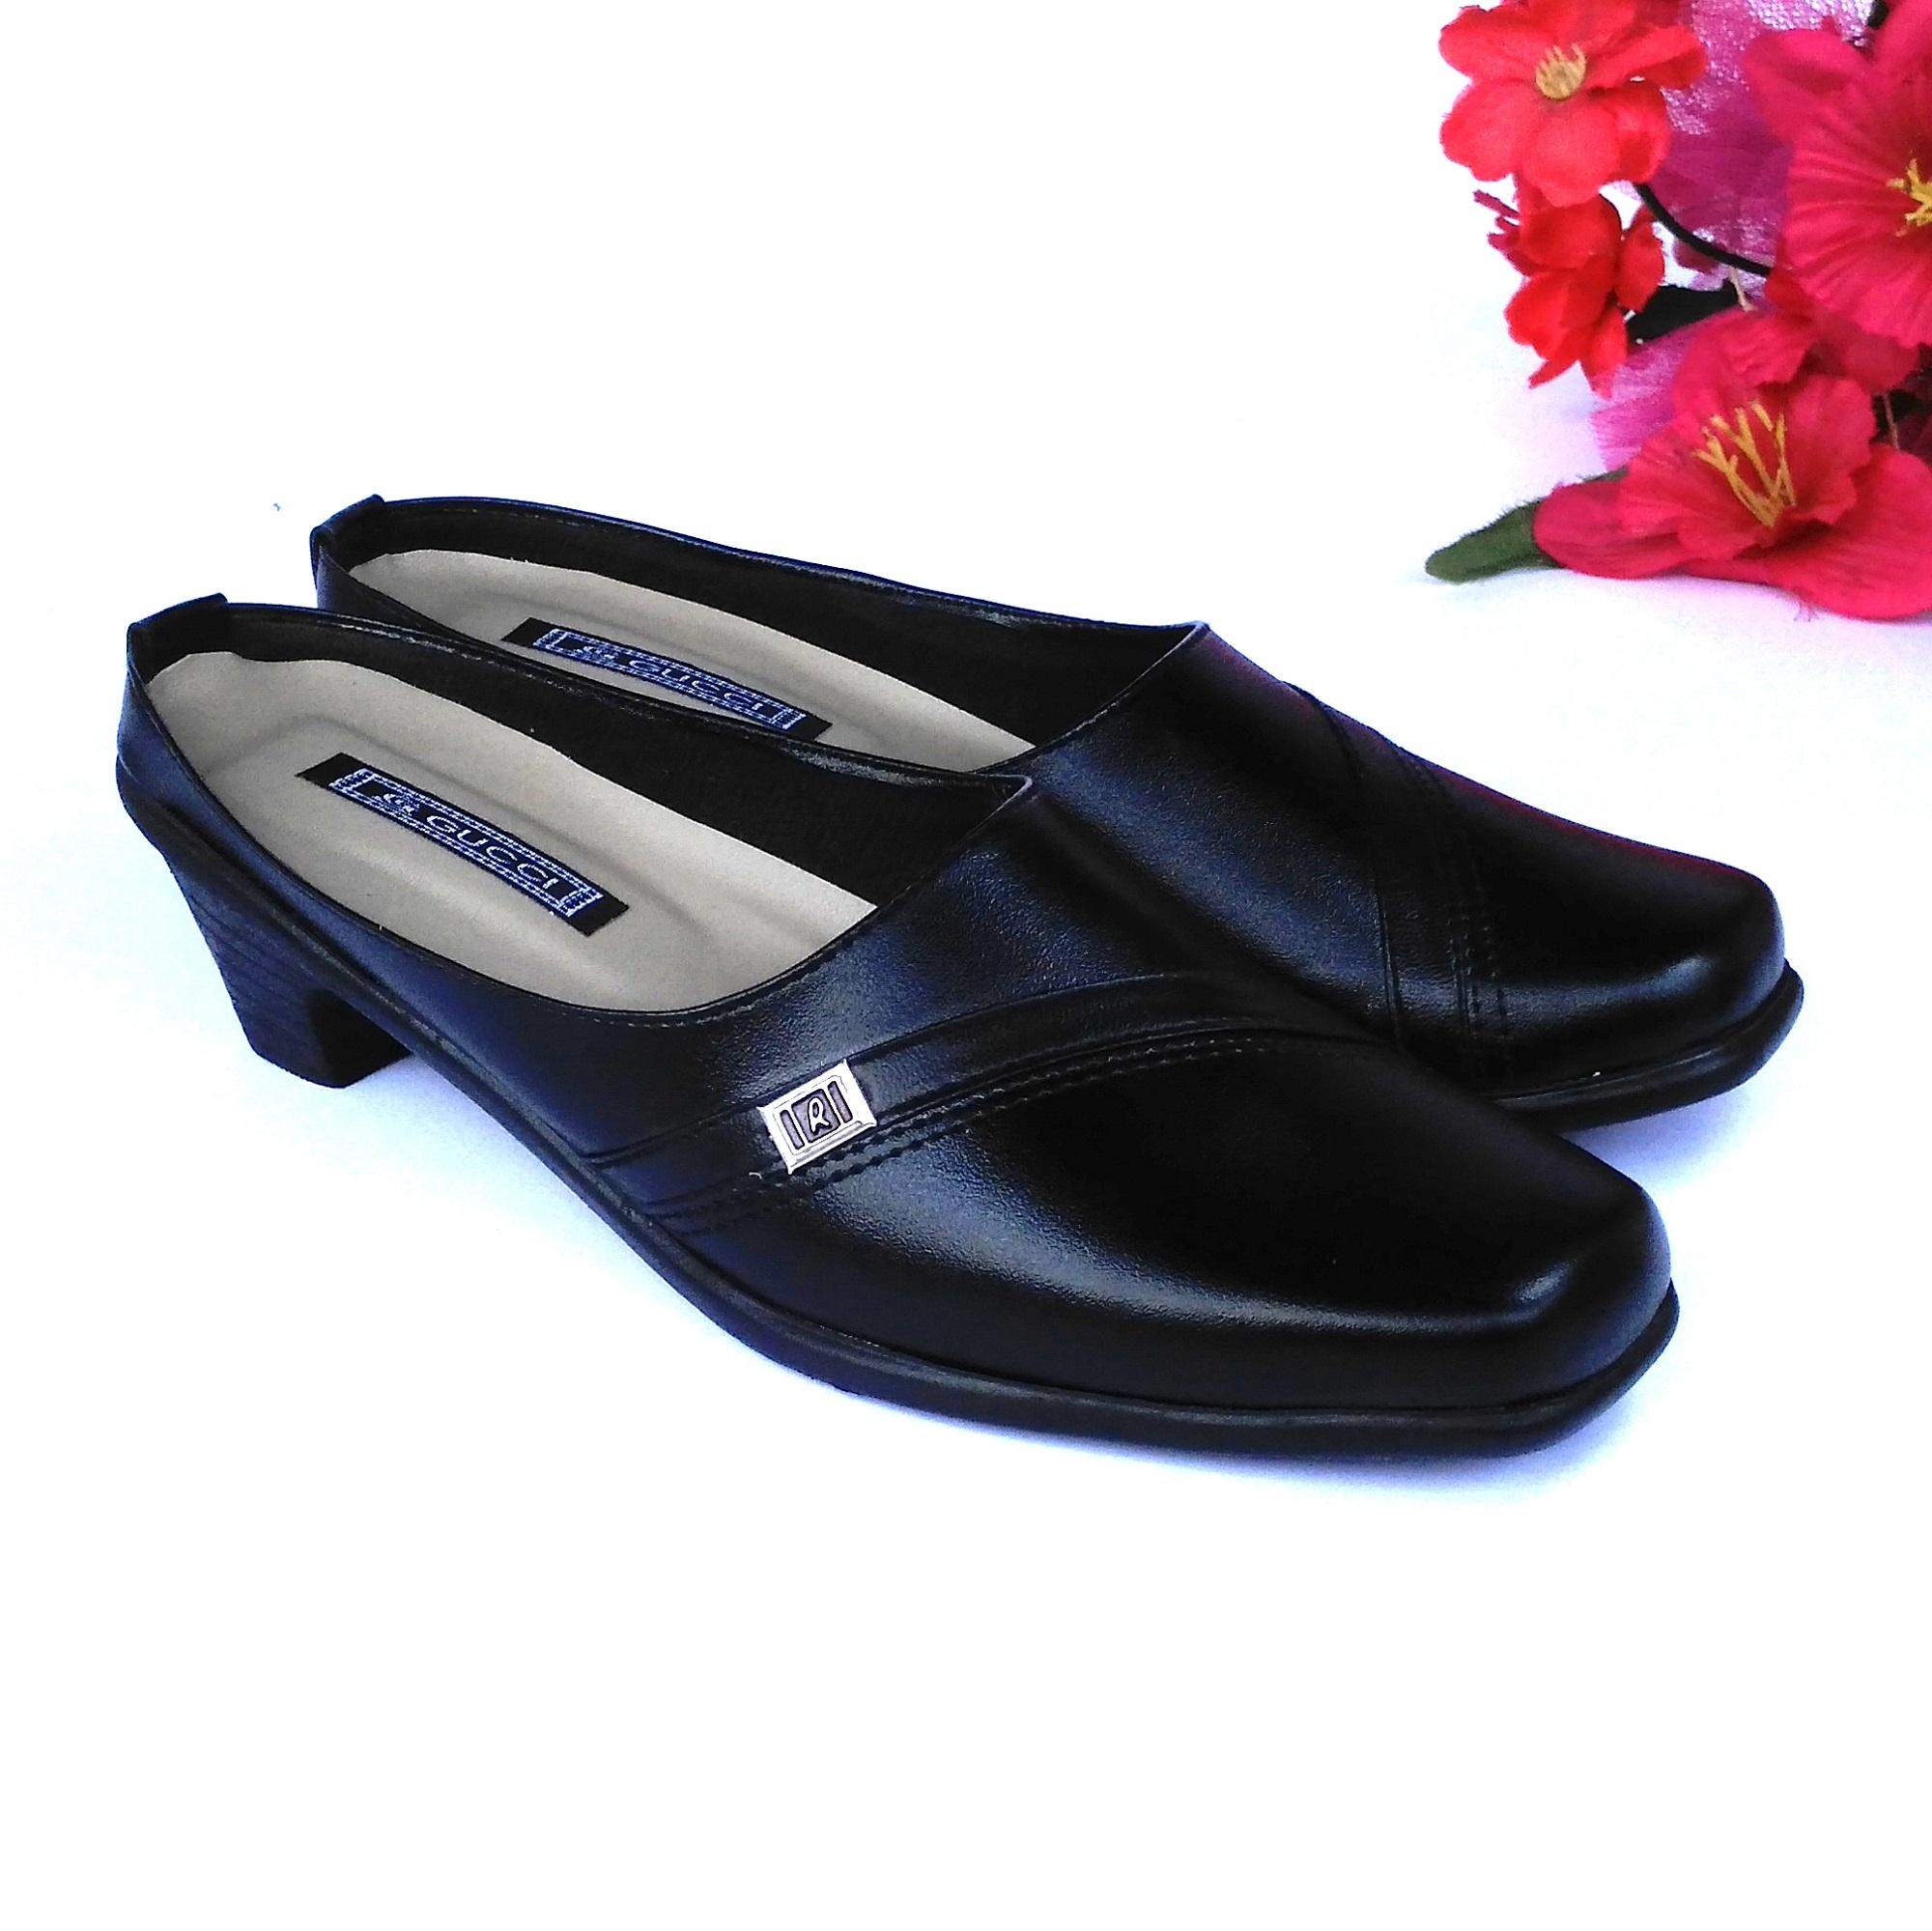 HQo Sepatu Pantofel Wanita / Sepatu Wanita Formal / Sepatu Pantofel Paskibra Wanita Bertali / Sepatu Kerja Wanita / Sepatu Kantor Wanita / Sepatu Kulit Wanita / Sepatu Sekolah Anak Wanita Hitam / SC01